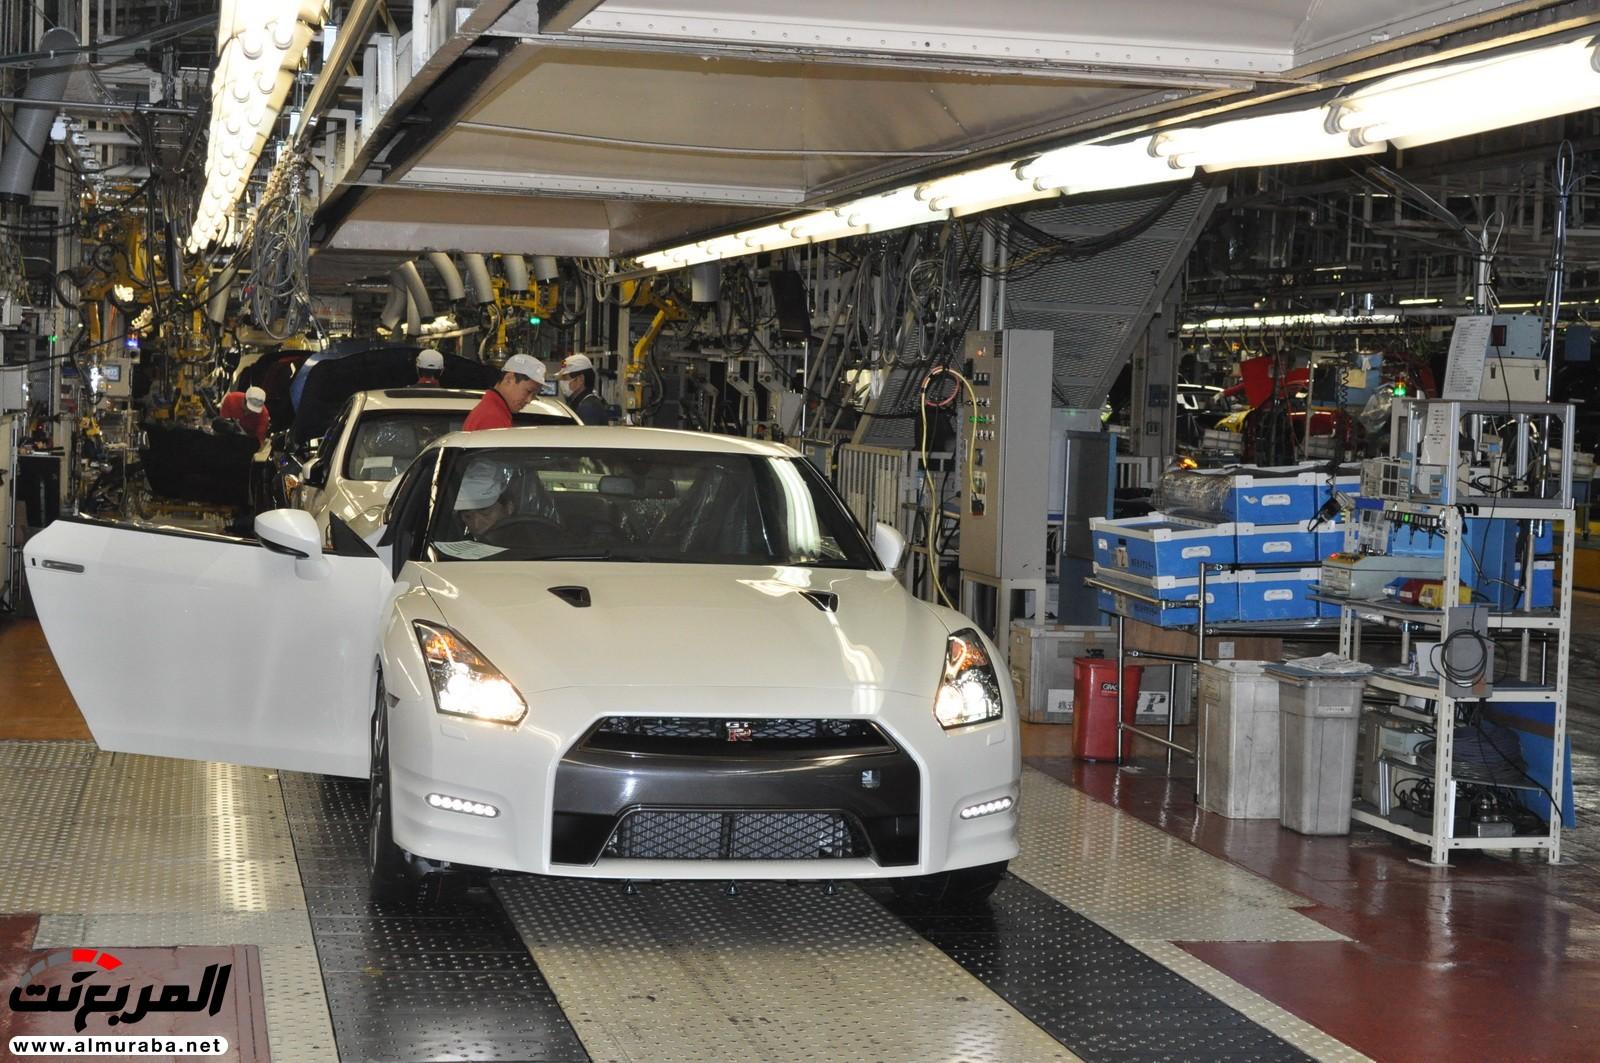 دراسة جدوى فكرة مشروع مصنع لإنتاج أغطية السيارات 2021